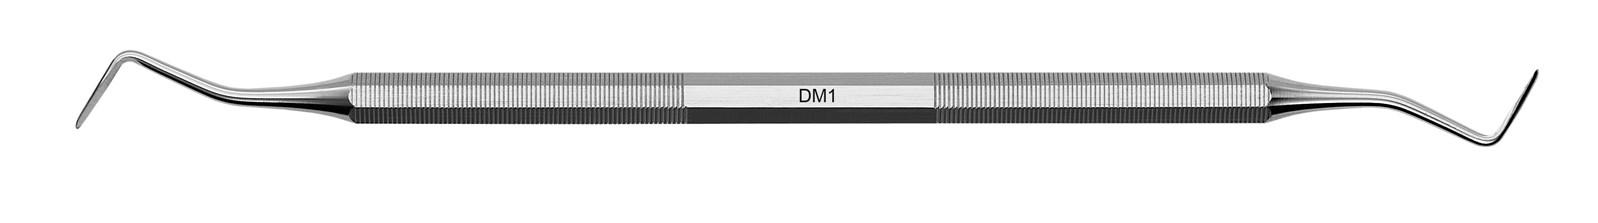 Lžičkové dlátko - DM1, ADEP žlutý